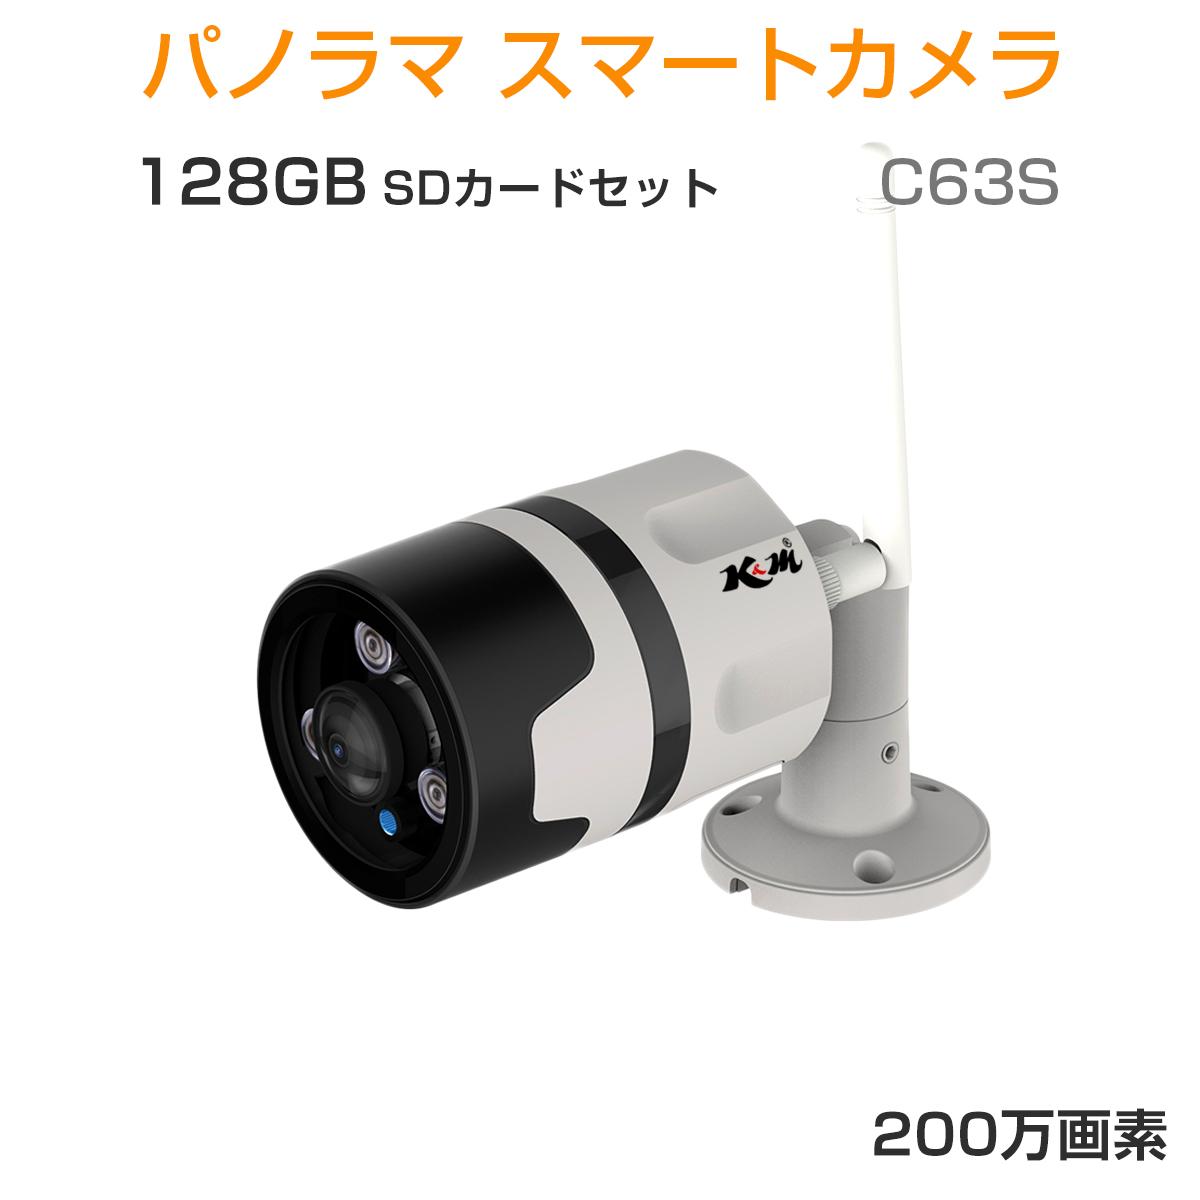 防犯カメラ 200万画素 C63S SDカード128GB同梱モデル商品 魚眼レンズ 360度 ネットワークカメラ ペット ベビー WIFI ワイヤレス 屋外 屋内 MicroSDカード録画 監視 IP カメラ 動体検知 VStarcam 宅配便送料無料 PSE 技適 1年保証 K&M